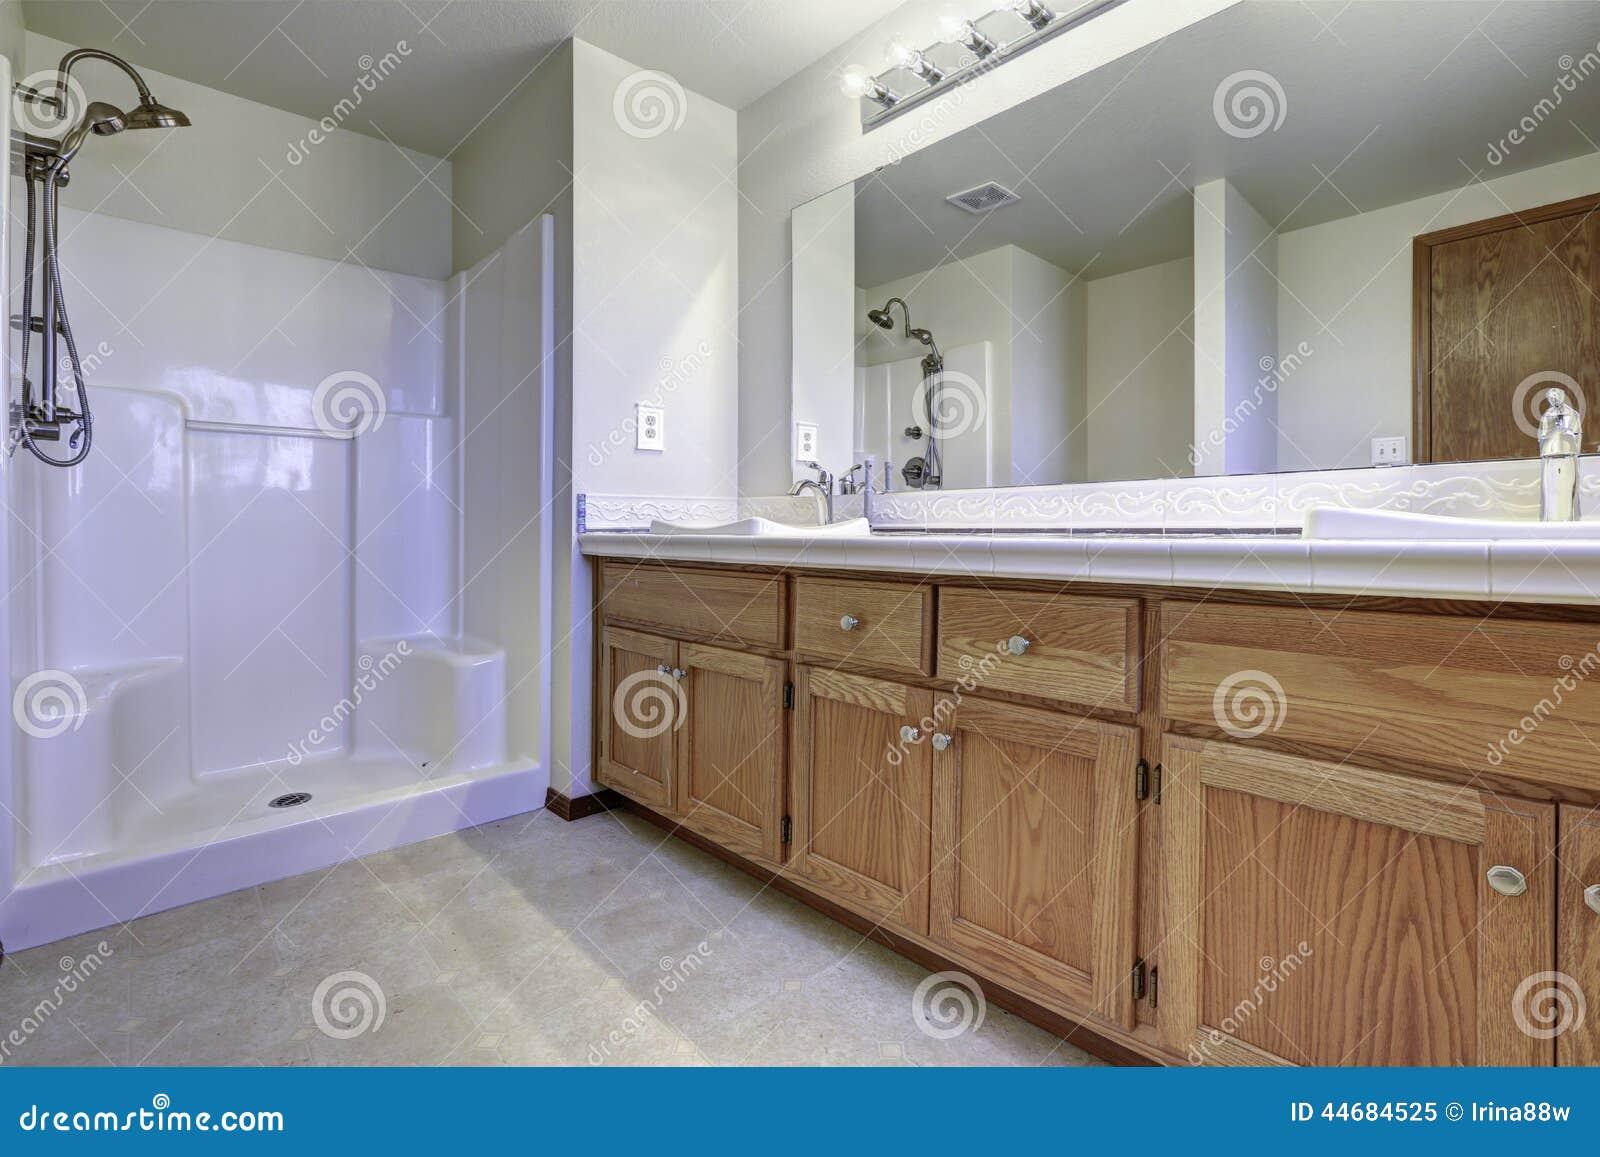 Bagno Con Doccia Aperta : Interno spazioso del bagno con la doccia aperta immagine stock